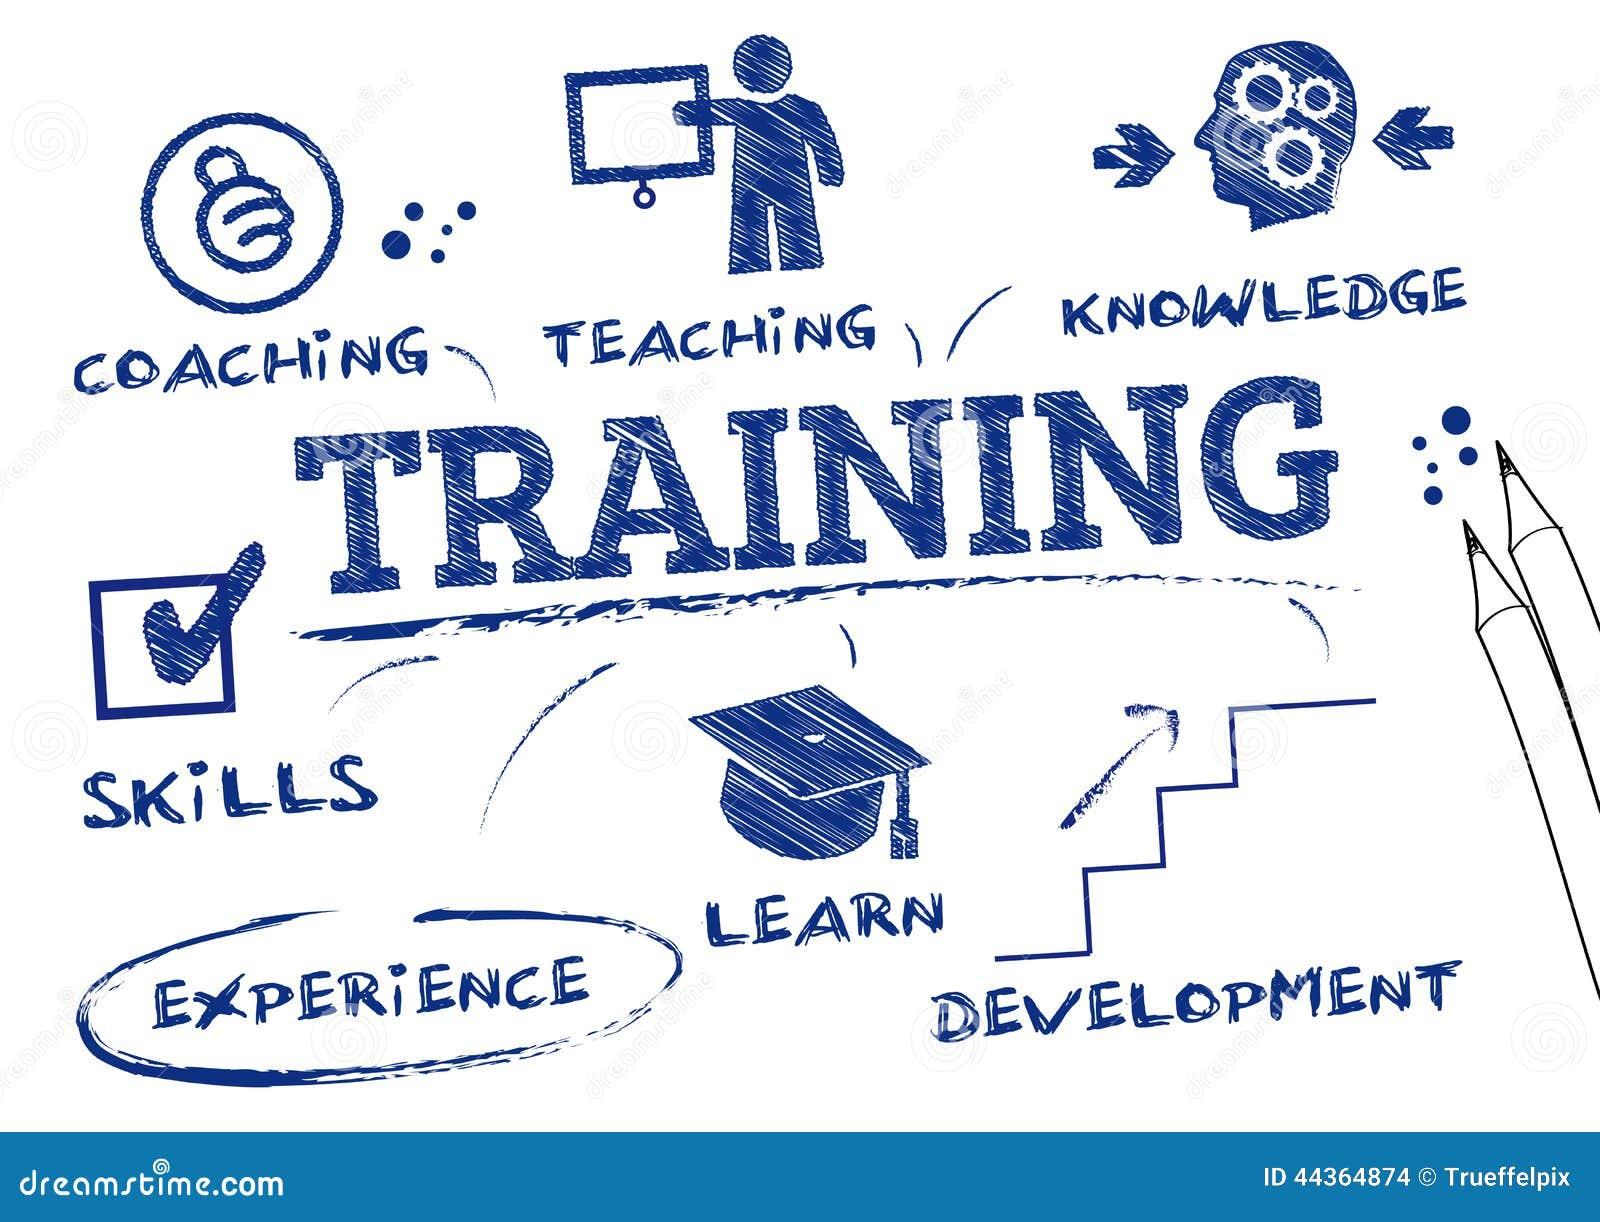 Formation, donnant des leçons particulières